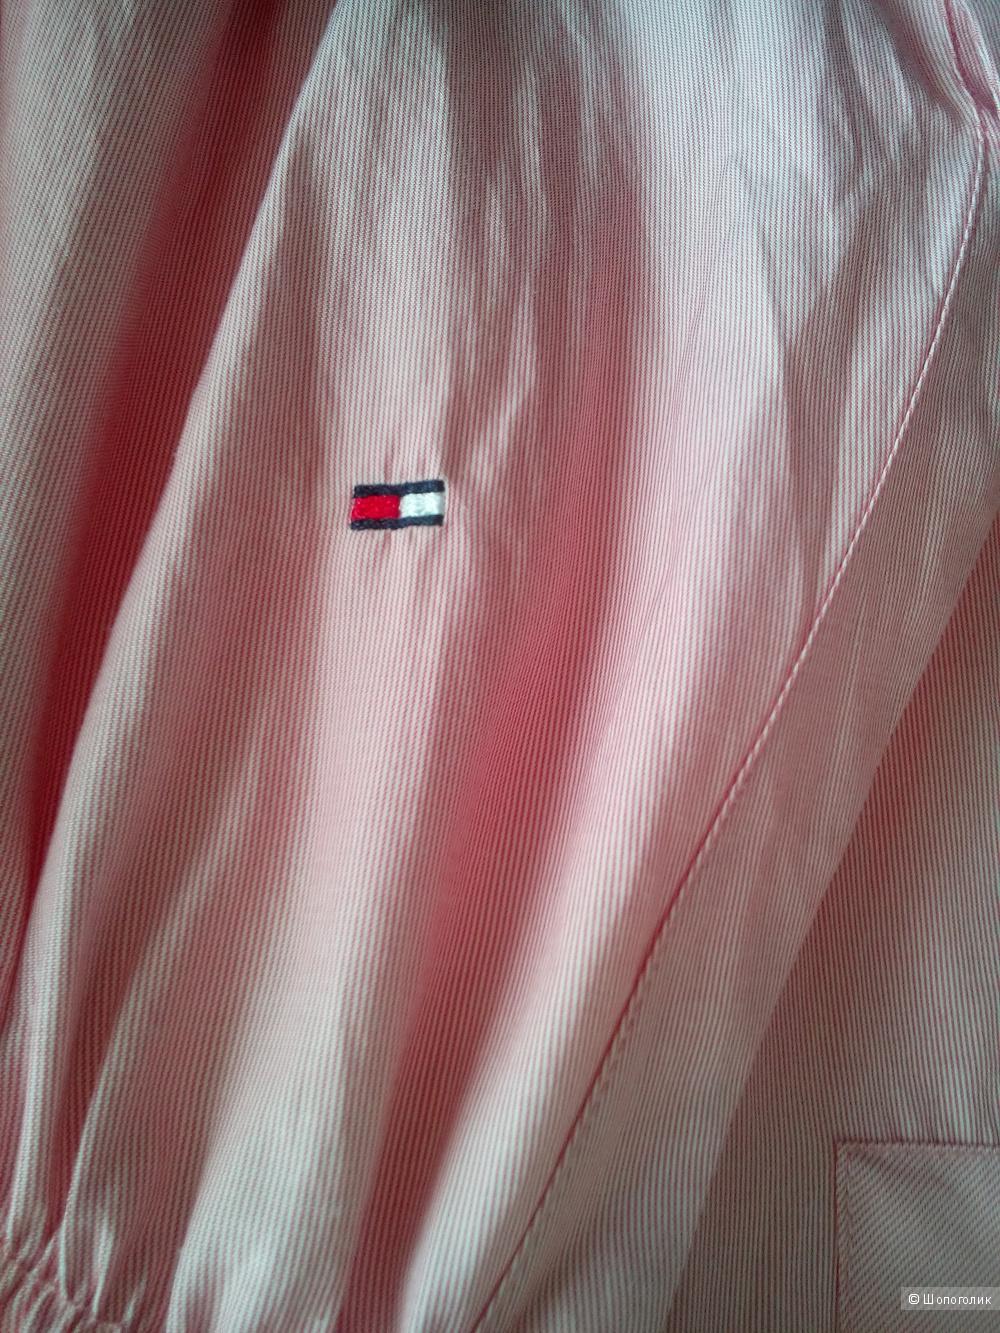 Платье розовое в мелкую продольную полосочкуTOMY HILFIGER в размере M 44-46